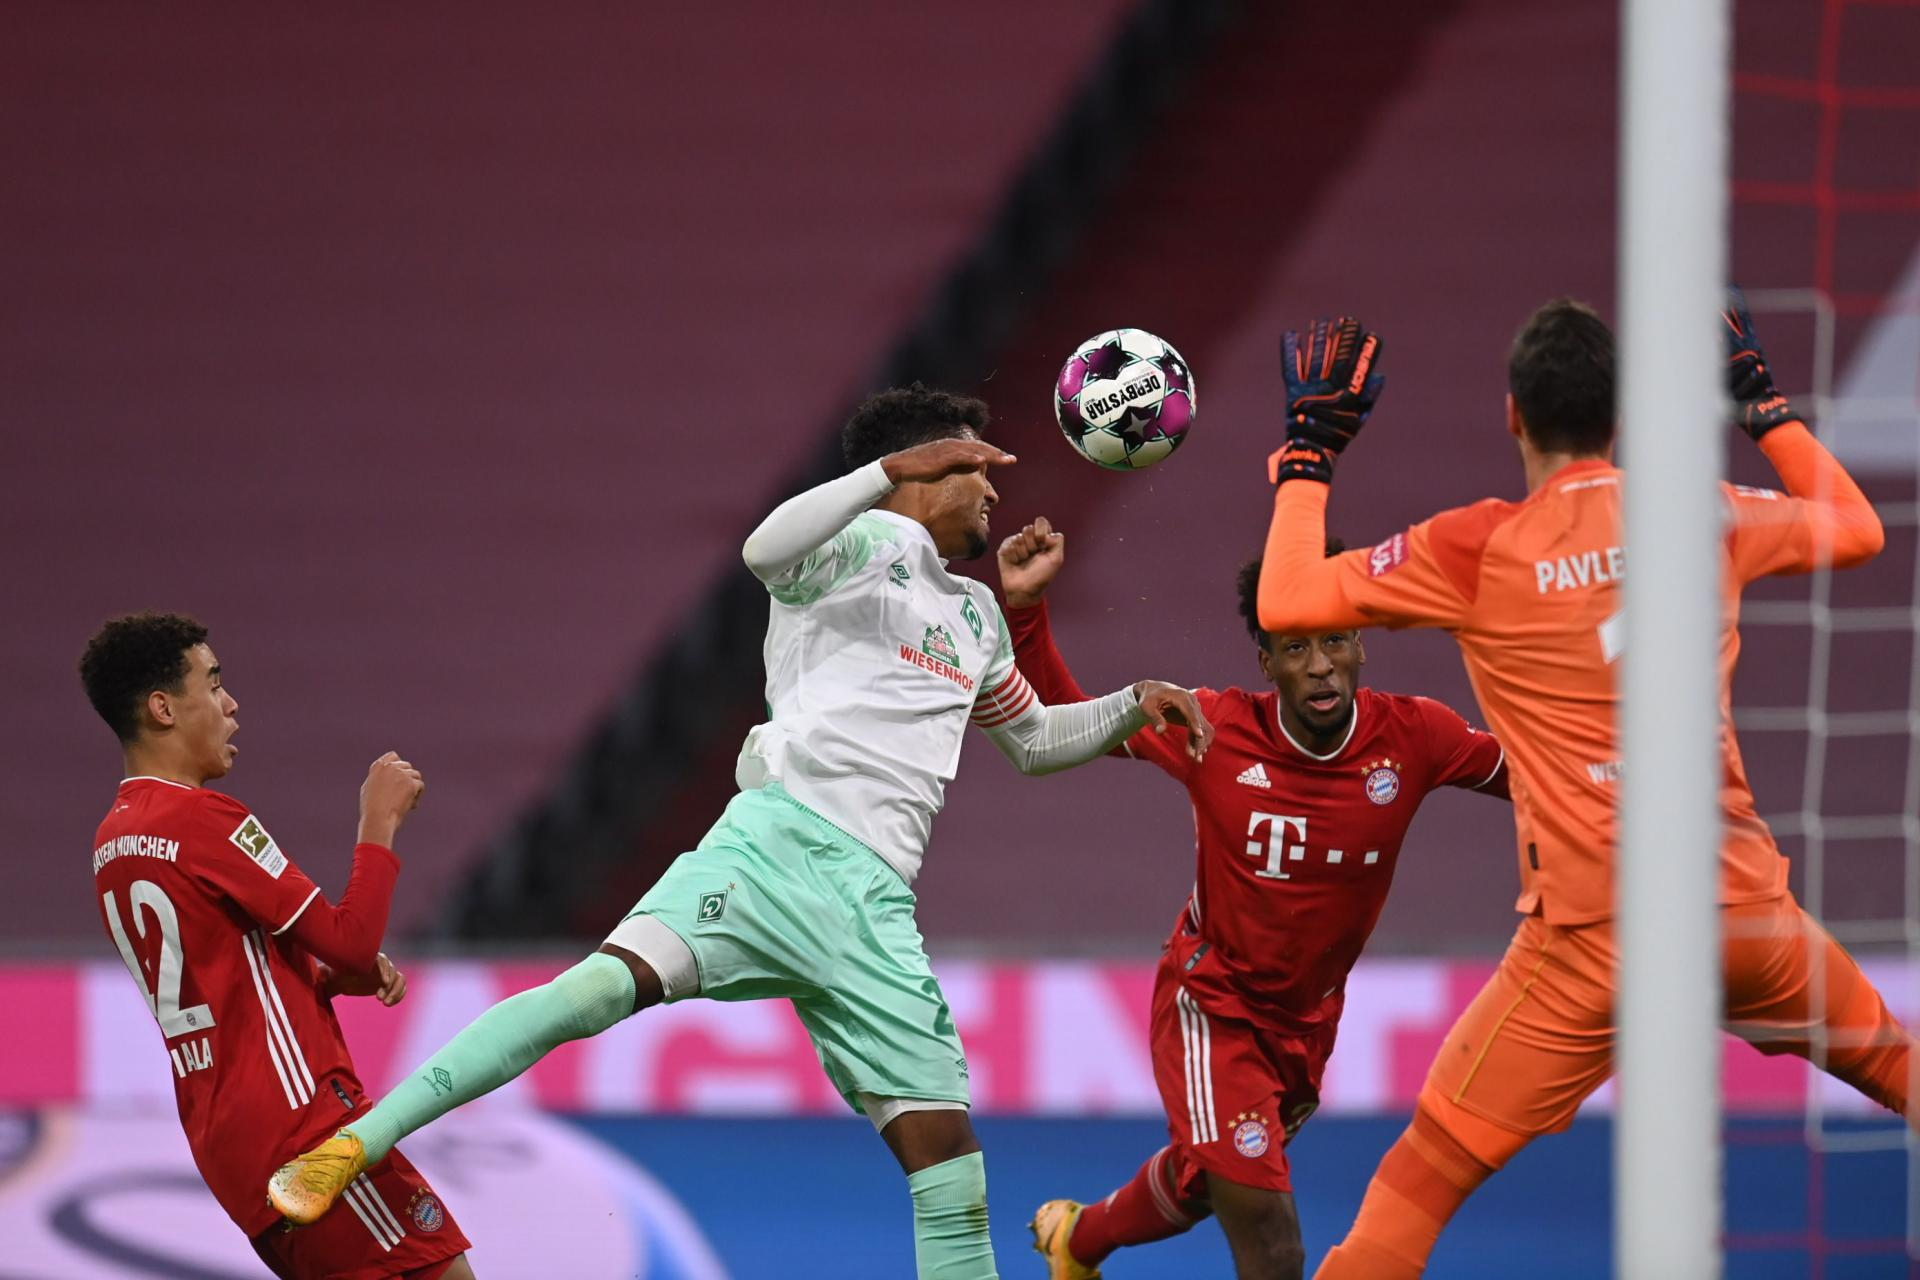 Golijada u Wolfsburgu, Brekalo asistent: domaćin se s nova tri boda popeo na peto mjesto, Werder šestu utakmicu zaredom bez pobjede